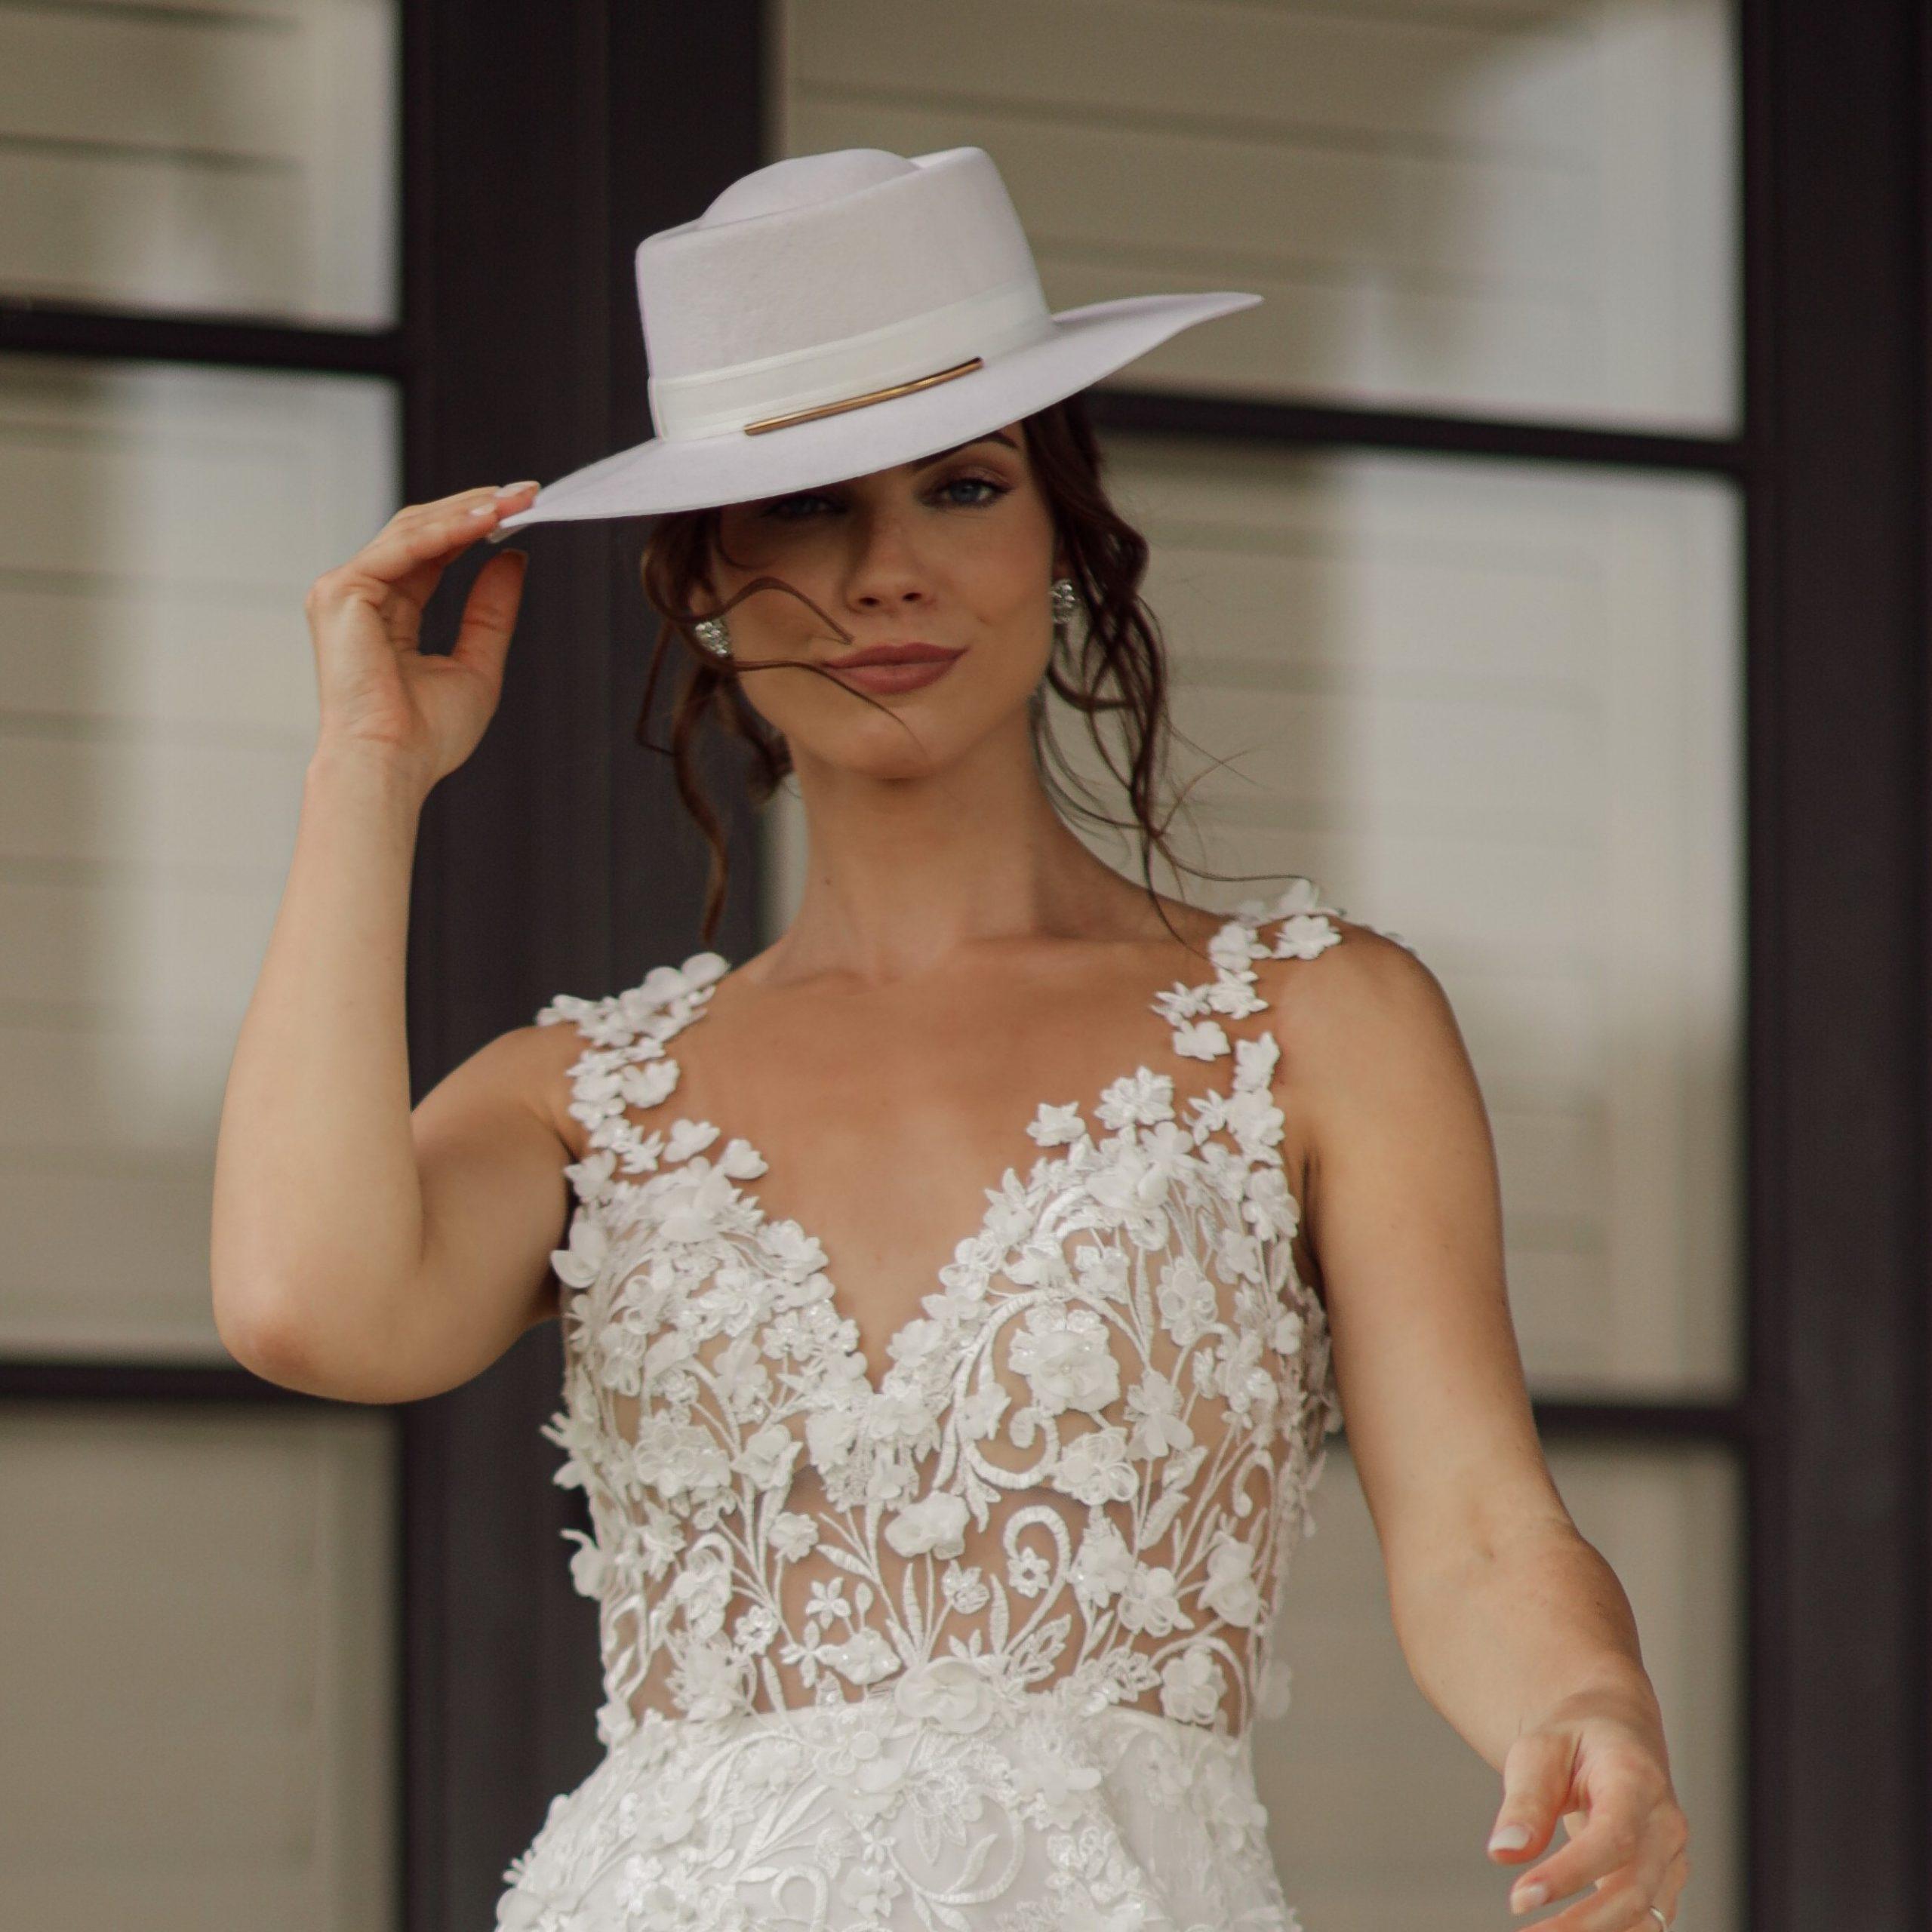 Lauren bride gambler 100% wool hat ivory